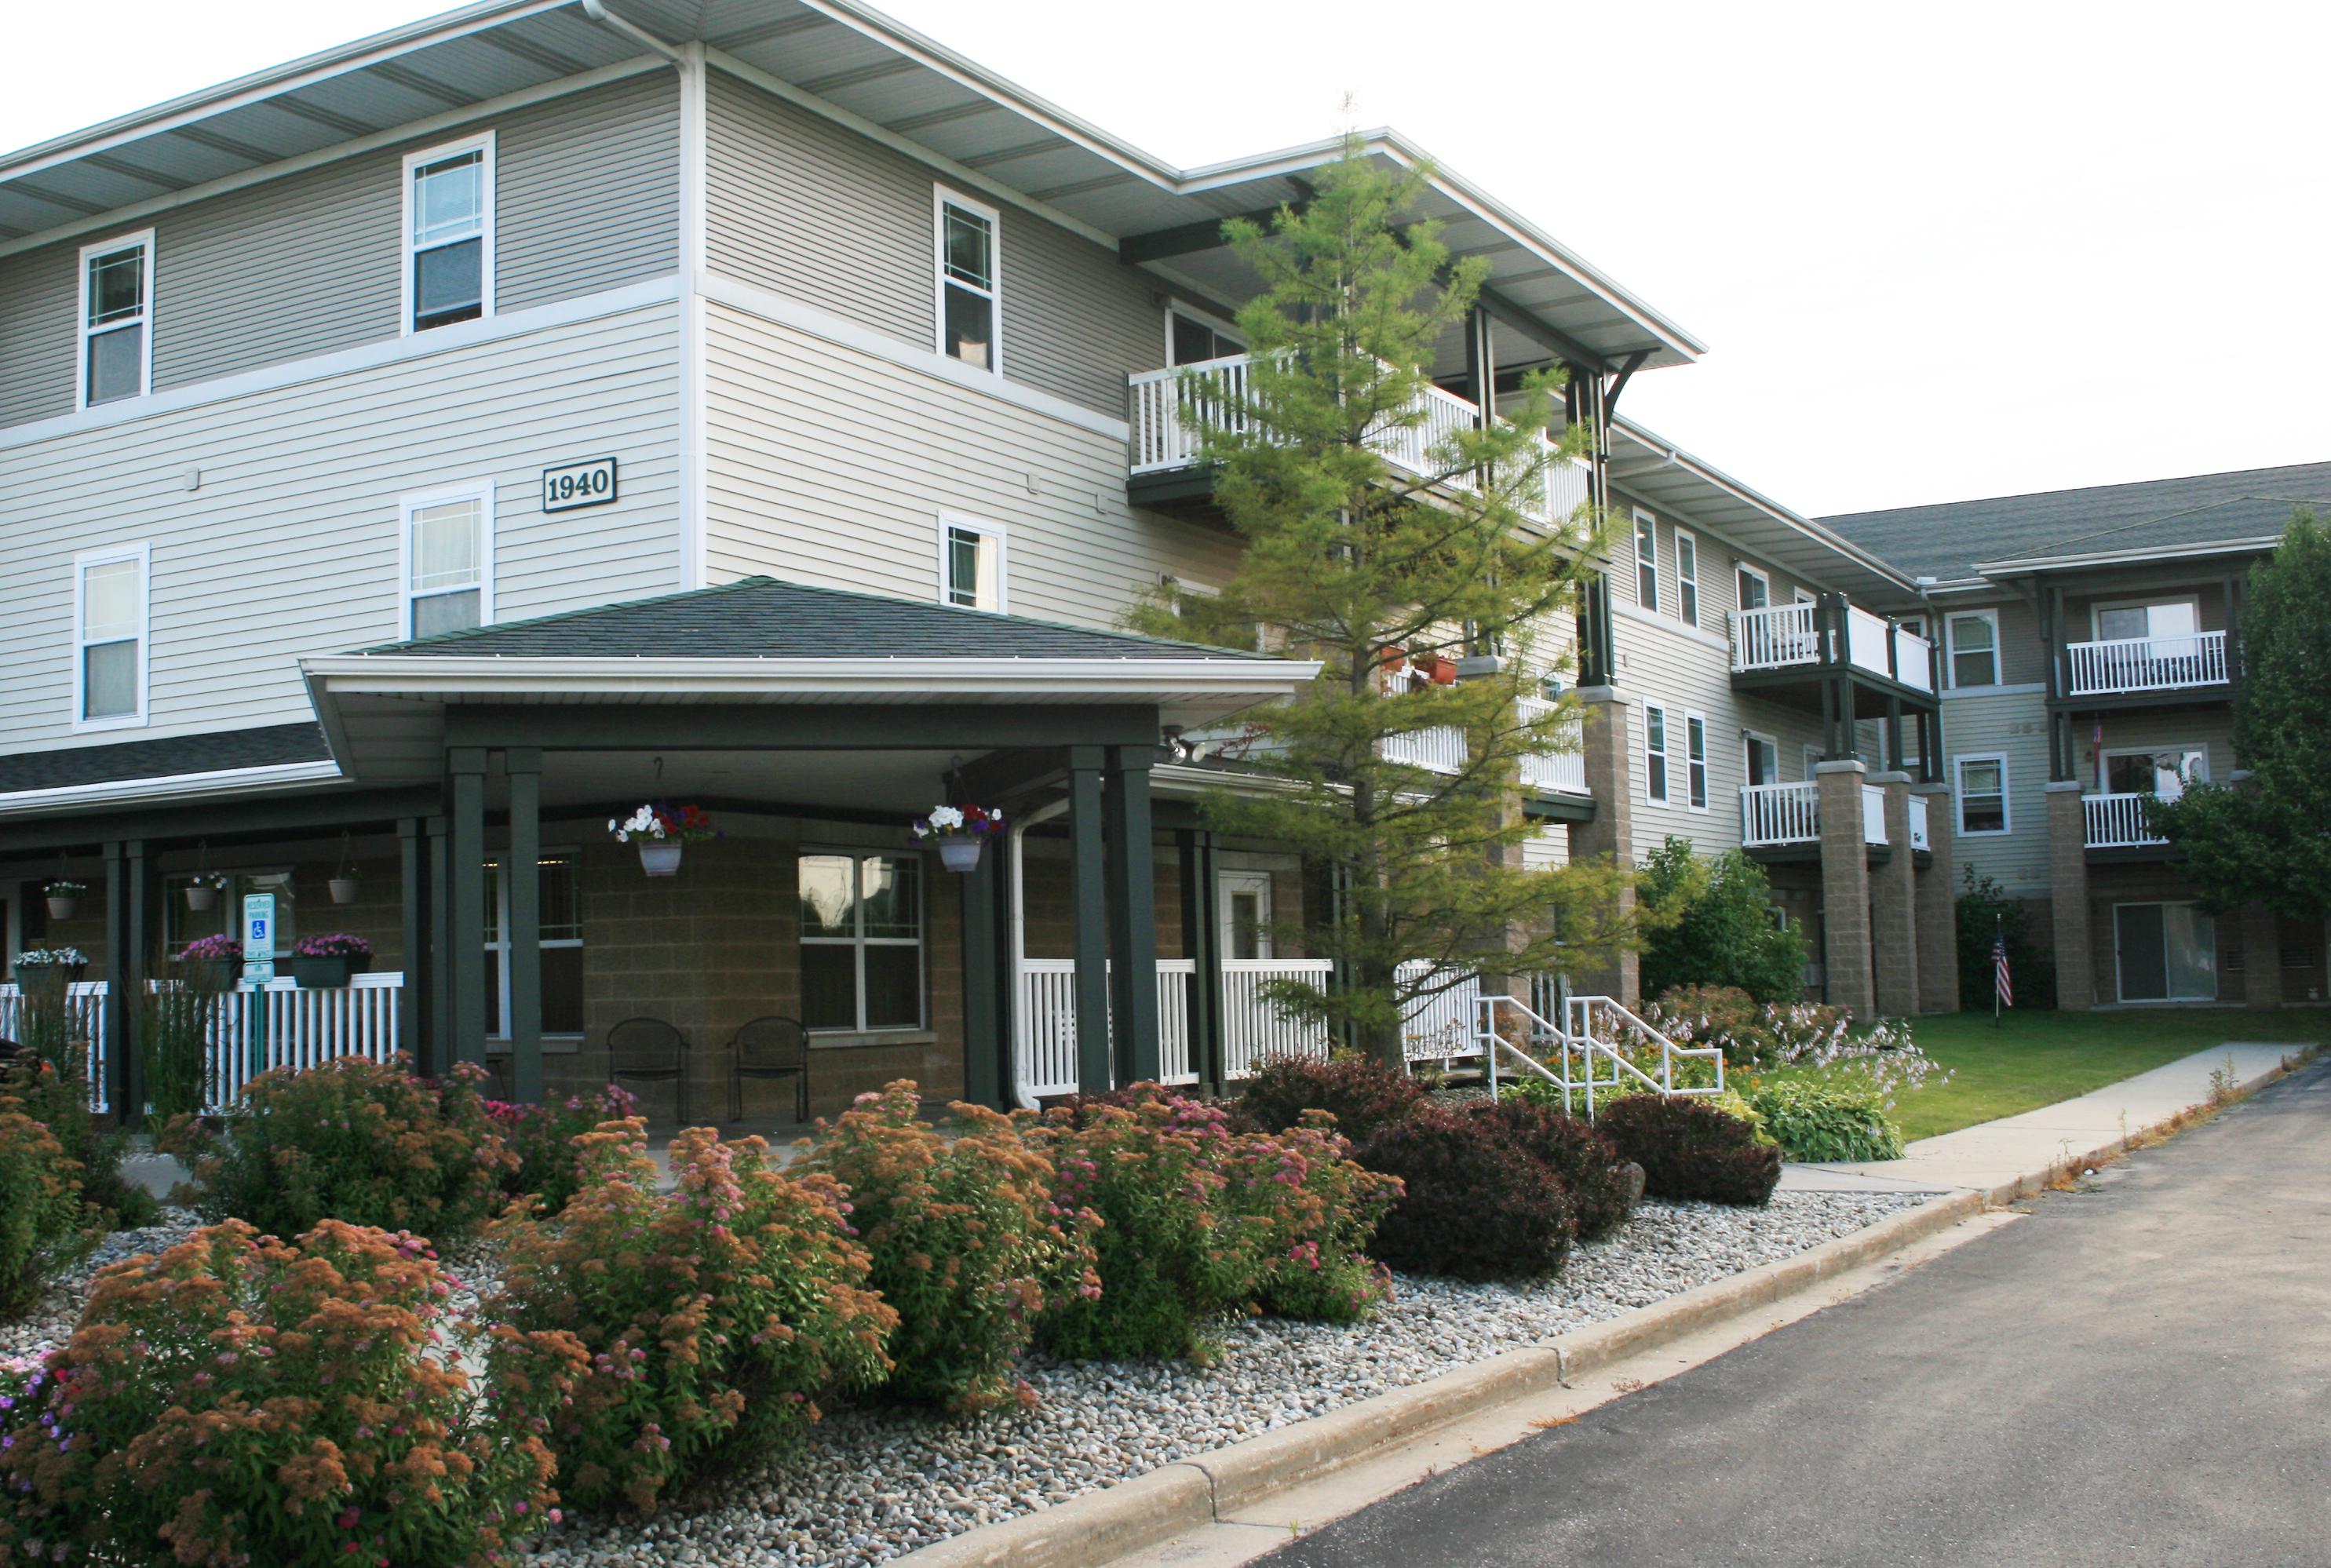 Villa Ciera Senior Apartments In Kenosha Wi 53140